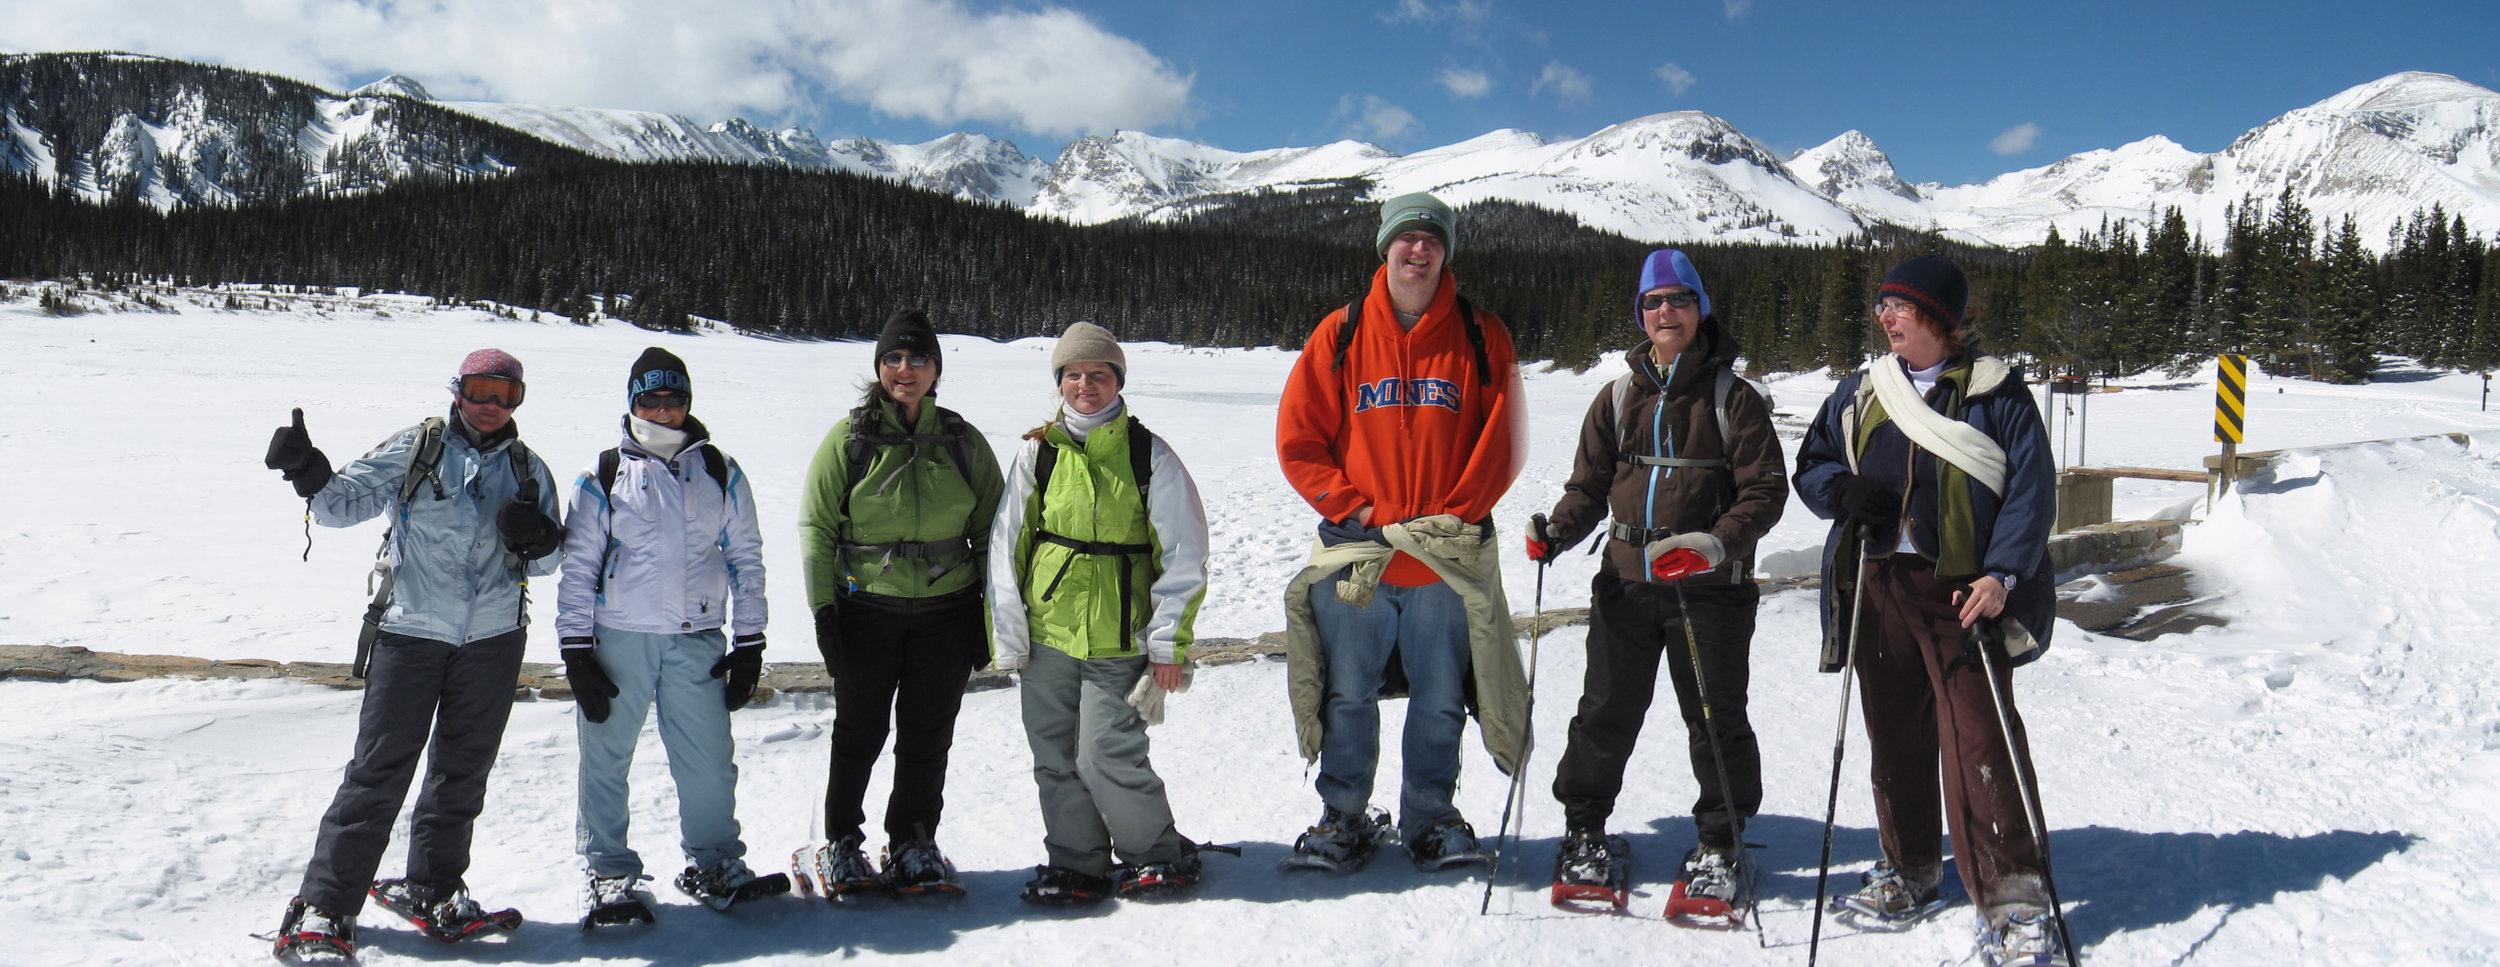 Brainard Lake snowshoe panorama_cropped.jpeg